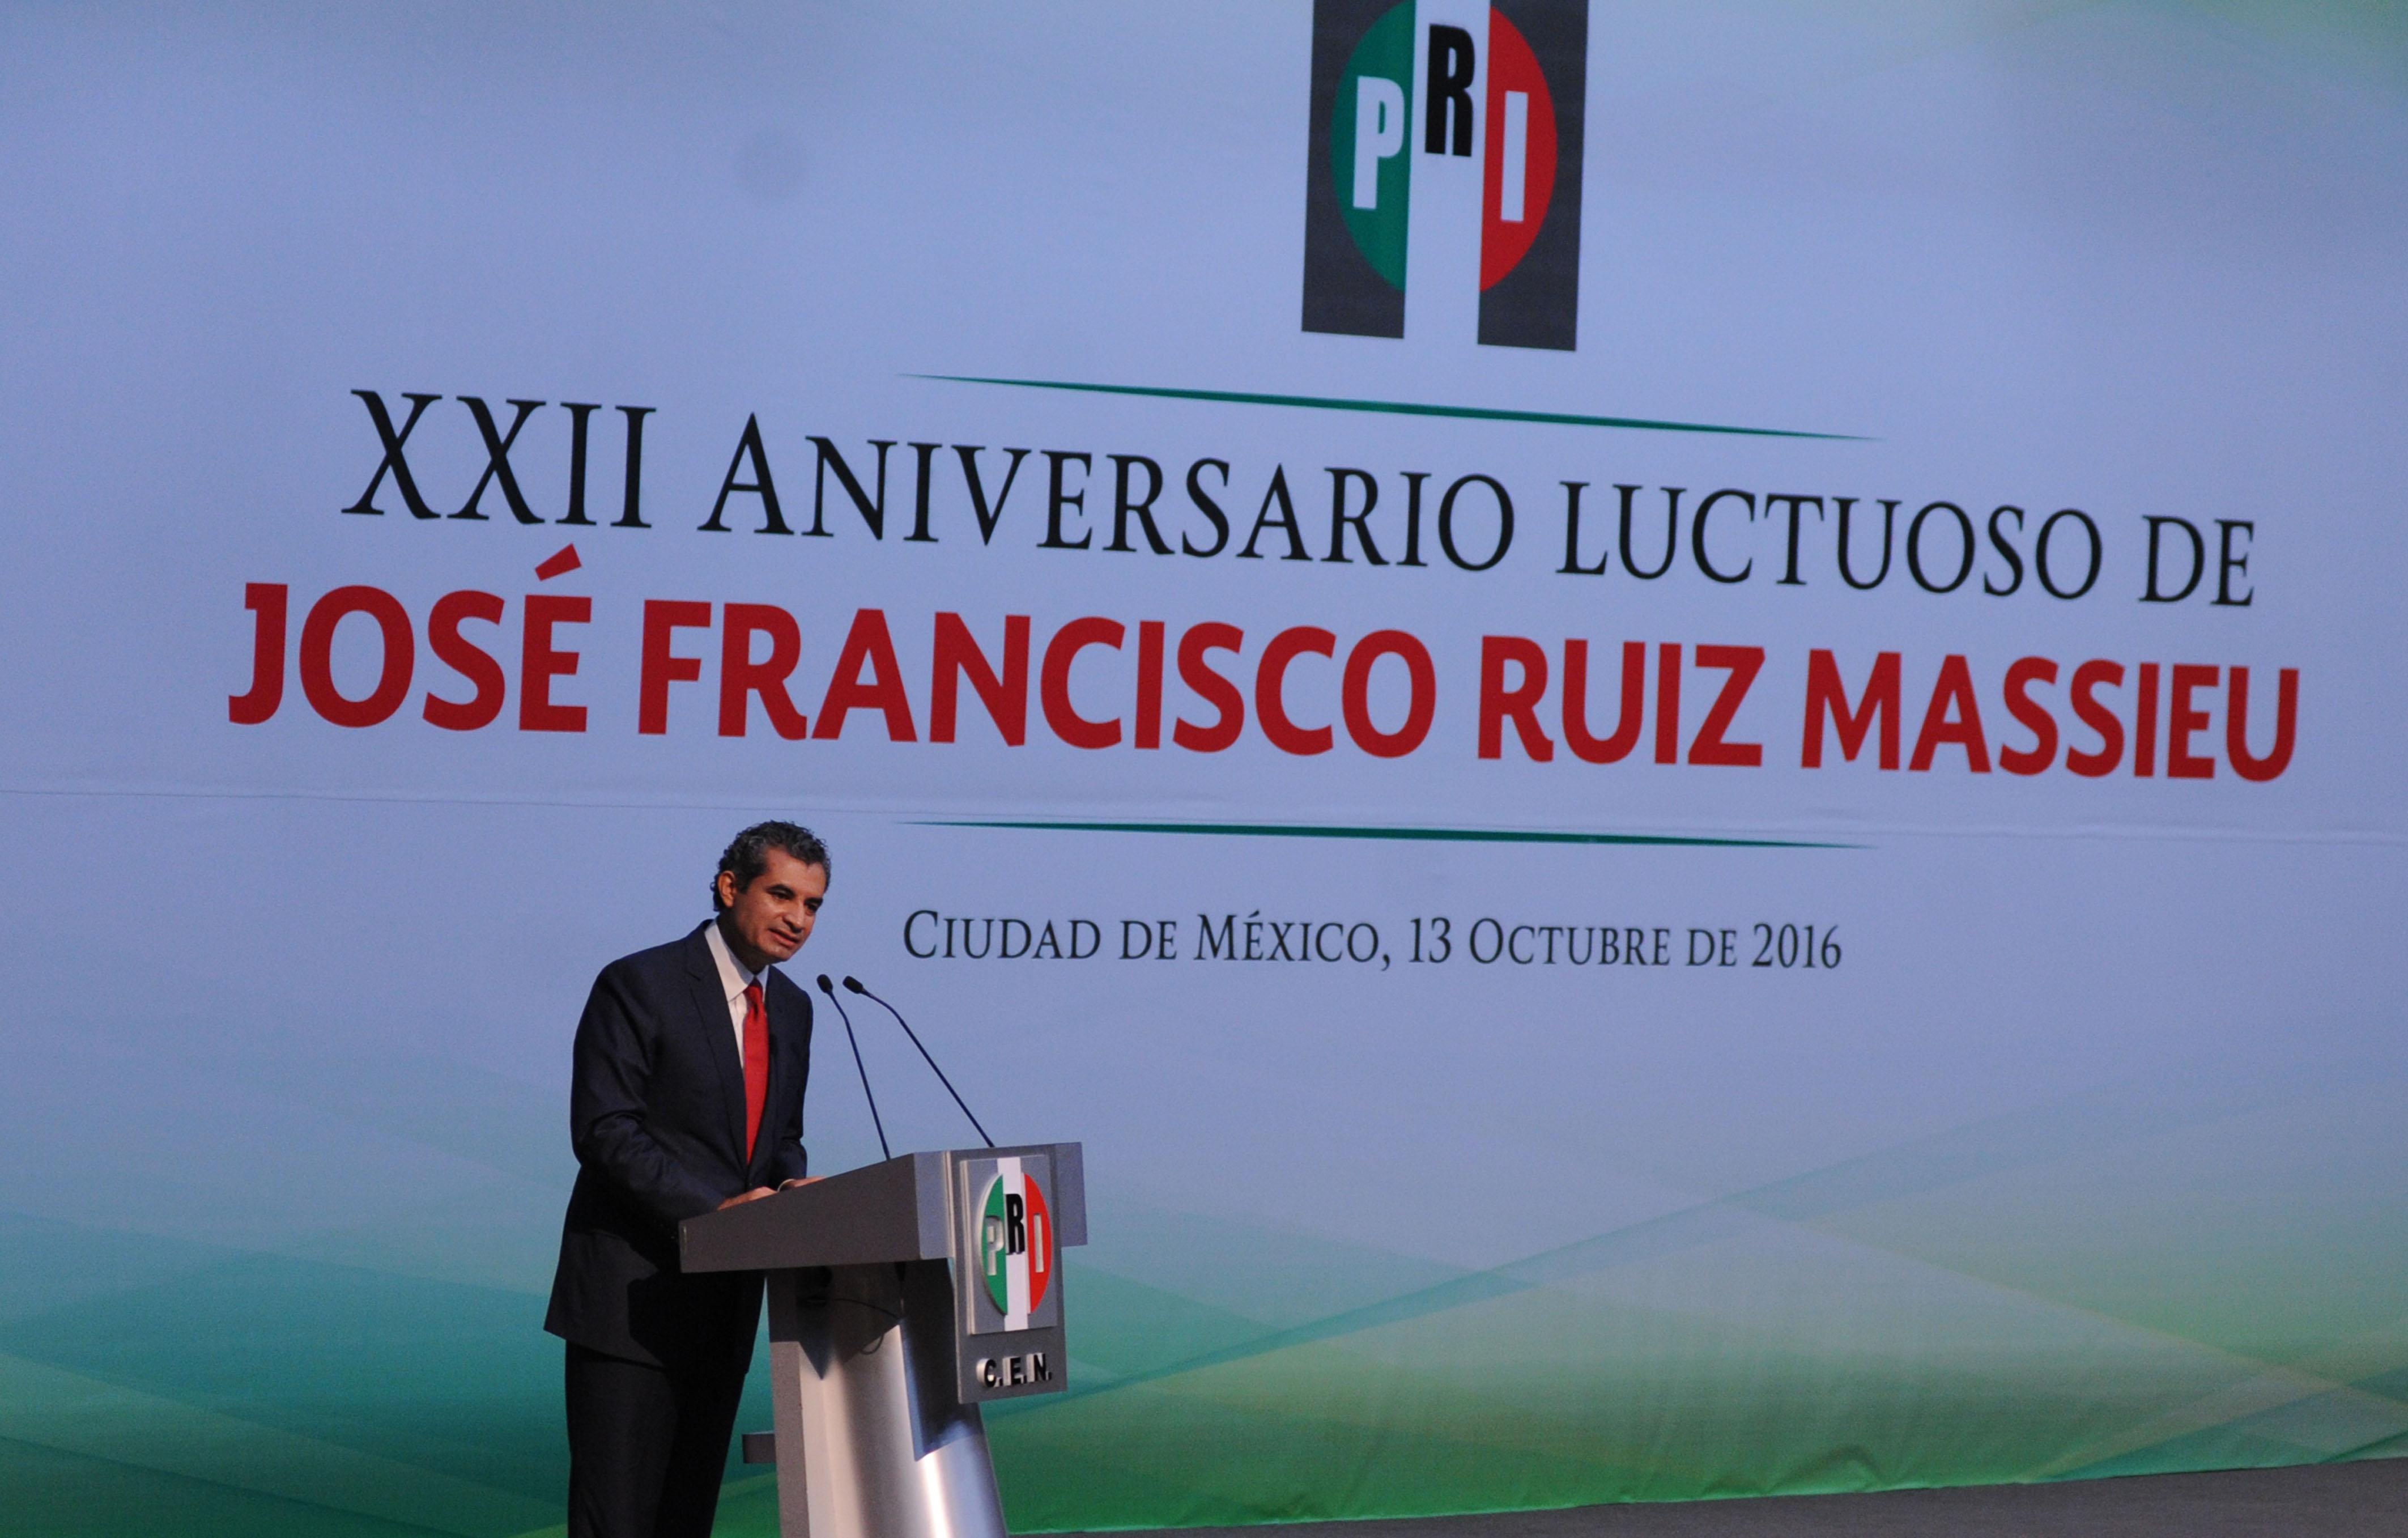 Palabras Del Dr Enrique Ochoa Reza En El Xxii Aniversario Luctuoso